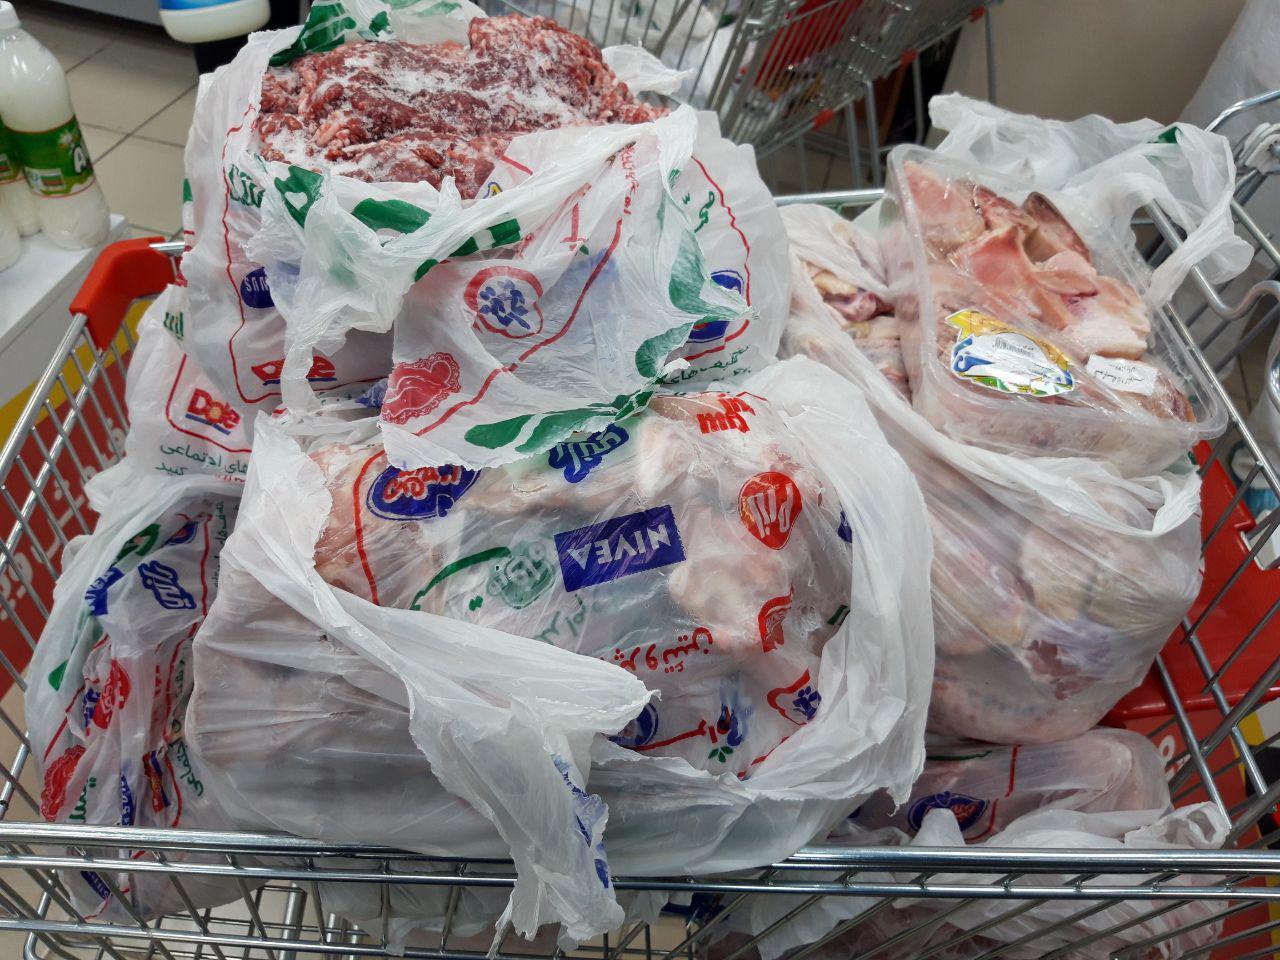 پلمپ فروشگاه زنجیرهای مشهور در غرب پایتخت/ گرانفروشی و عرضه گوشت مرغ فاسد از تخلفات این فروشگاه + عکس